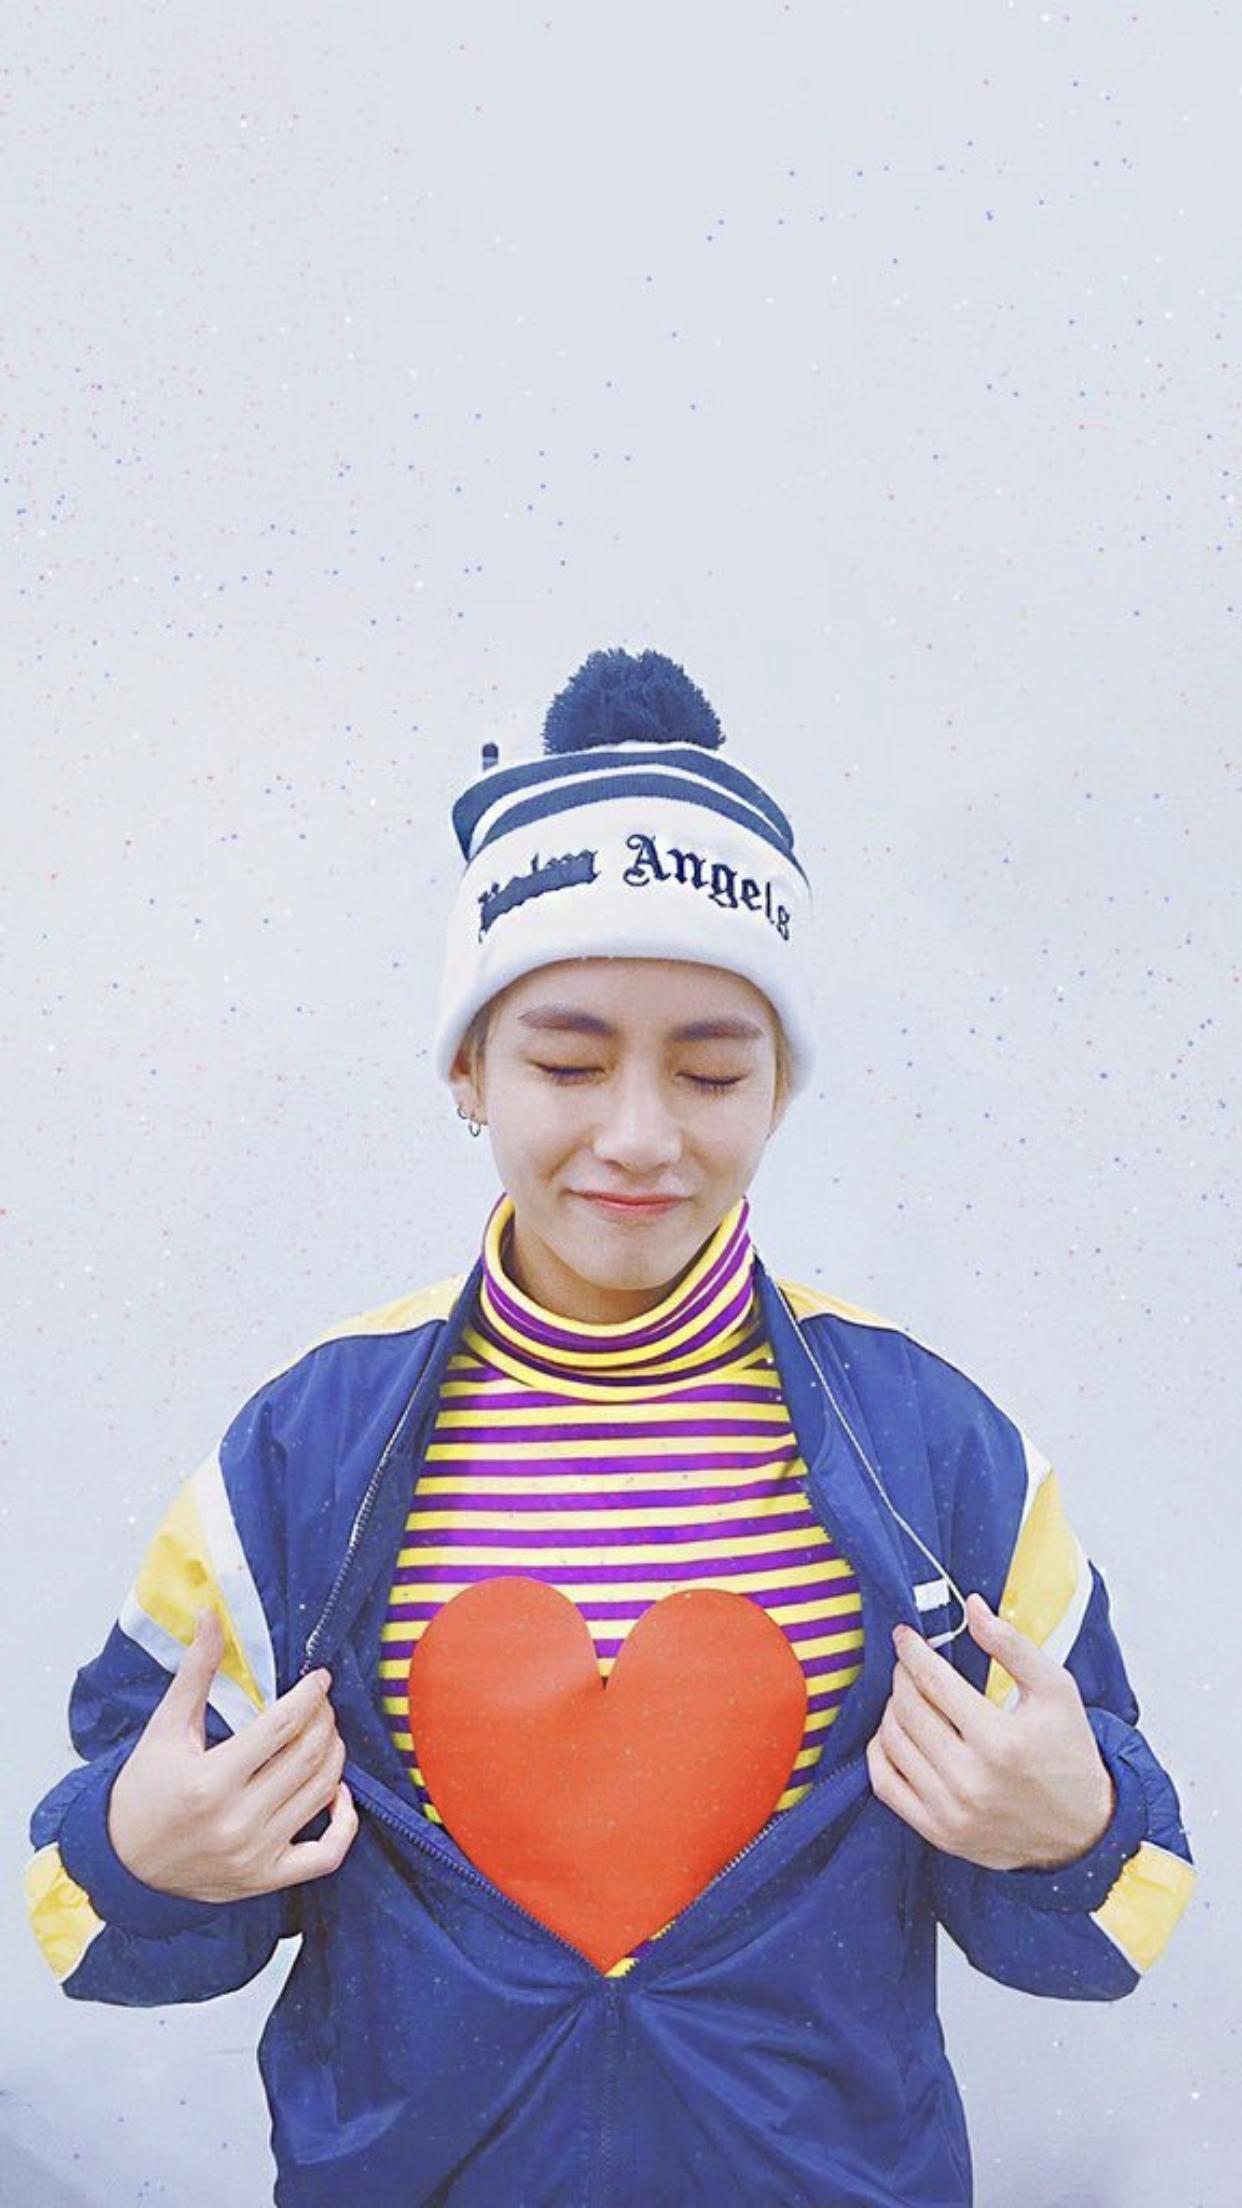 V Kim Taehyung Bts New Years 2018 Bts V Taehyung Bts Bts